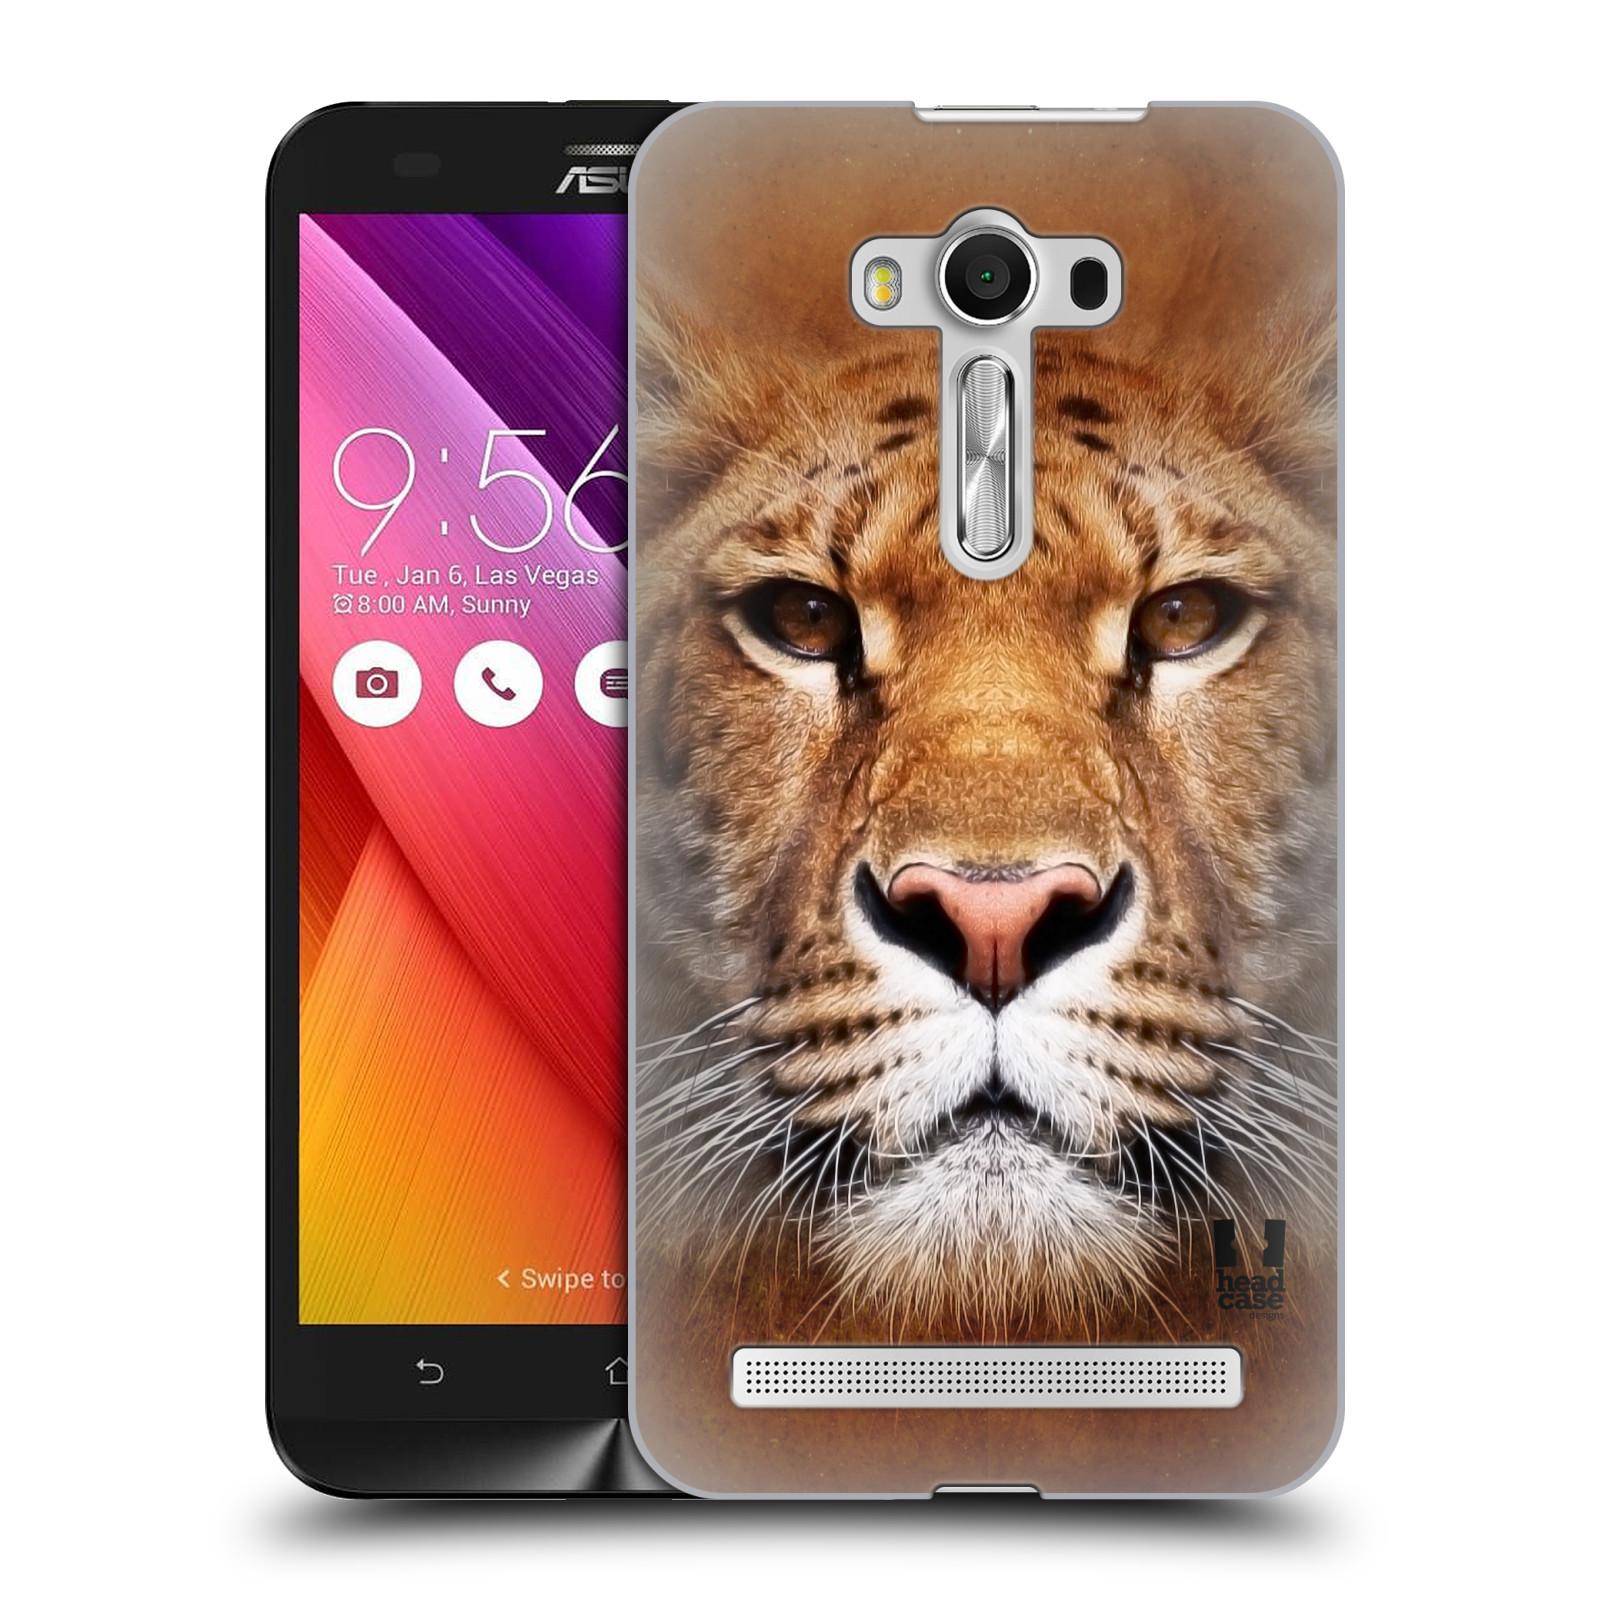 HEAD CASE plastový obal na mobil Asus Zenfone 2 LASER (5,5 displej ZE550KL) vzor Zvířecí tváře Sibiřský tygr